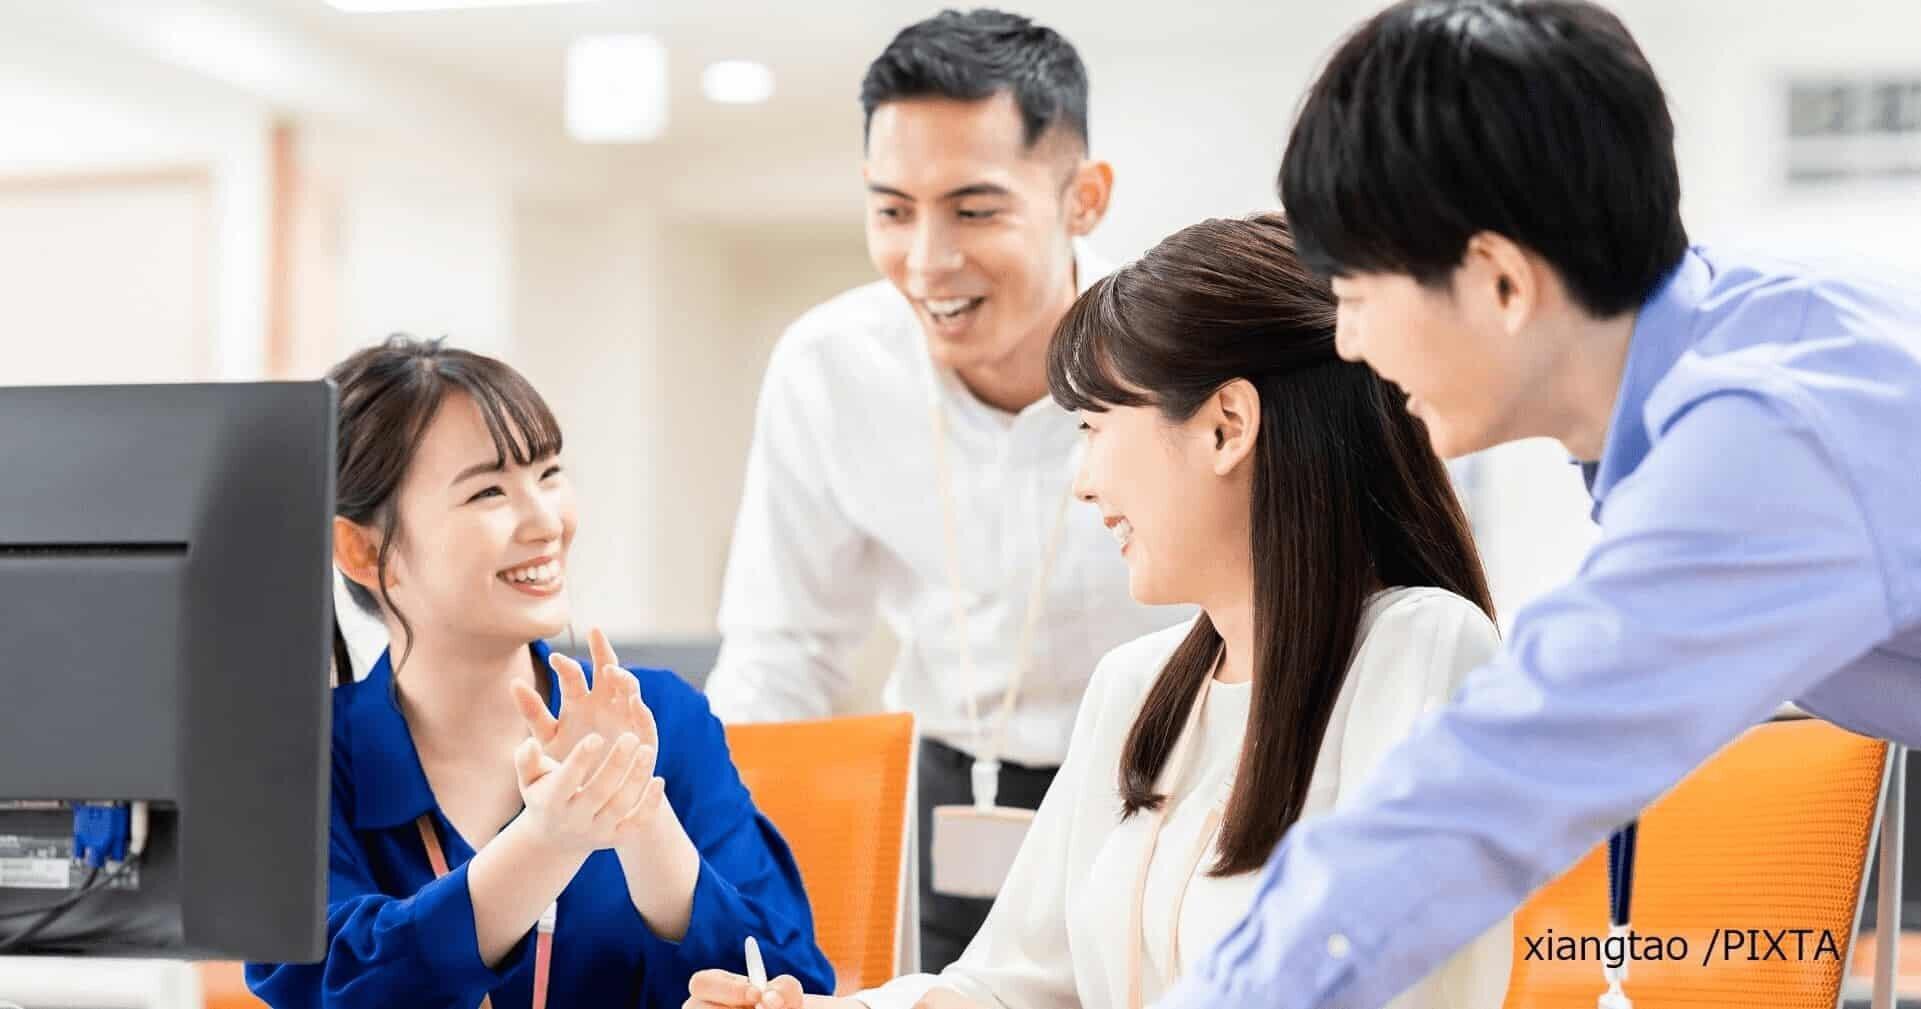 経営幹部向け「現場力強化研修」のご提案~理念の実践と関係の質の強化を図る